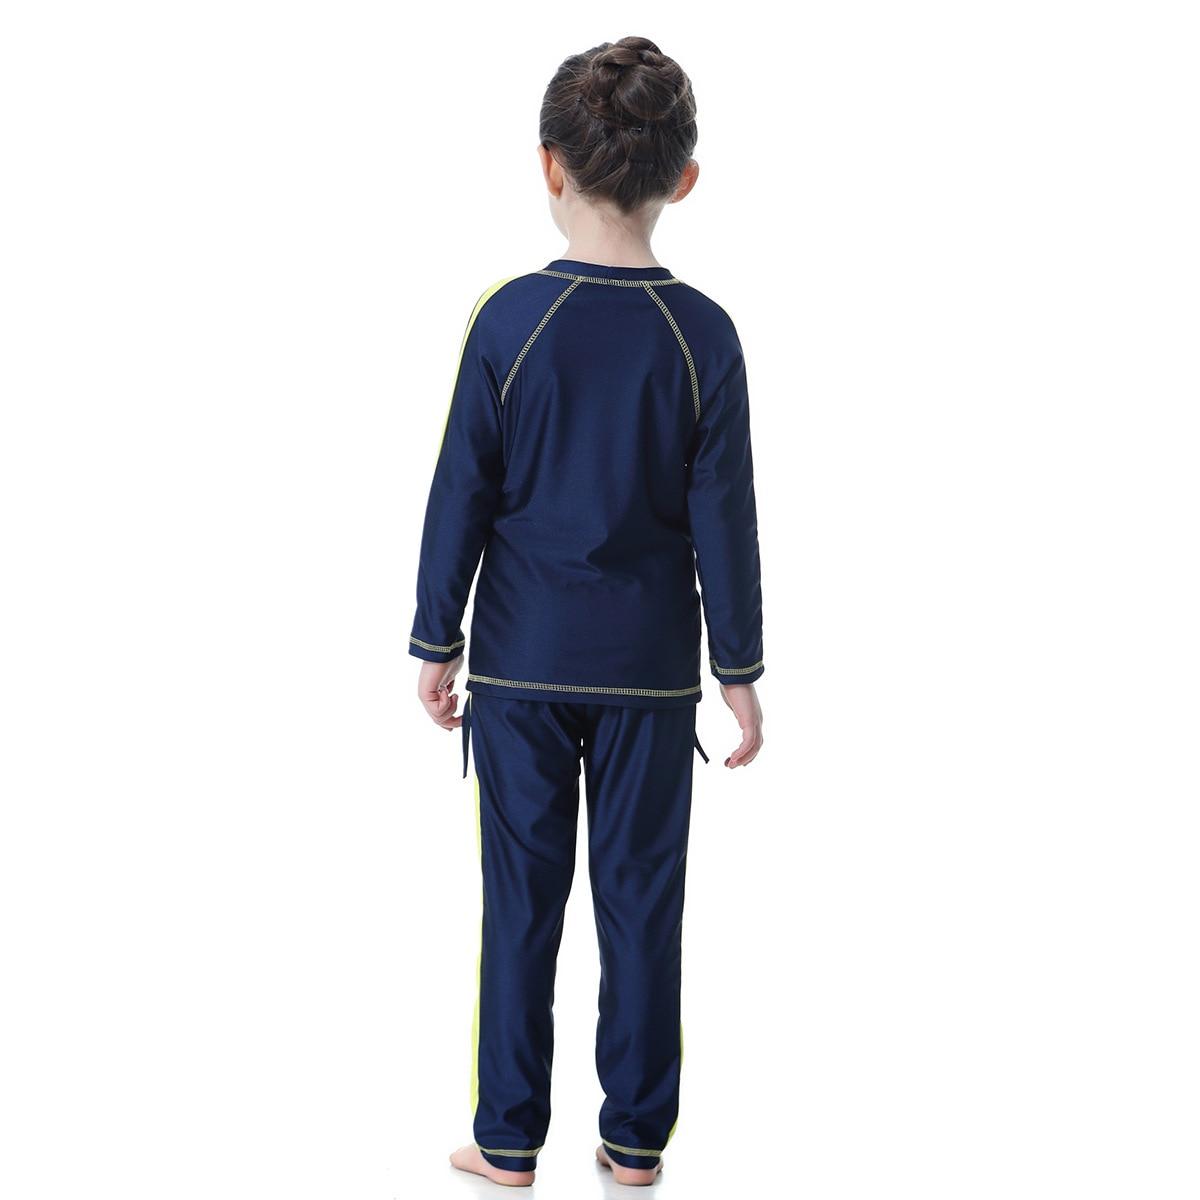 Image 4 - Мусульманский купальник для девочек; два предмета; Детские  купальники с длинными рукавами; консервативный купальник; детская  спортивная одежда в арабском стилеМусульманский купальник   -